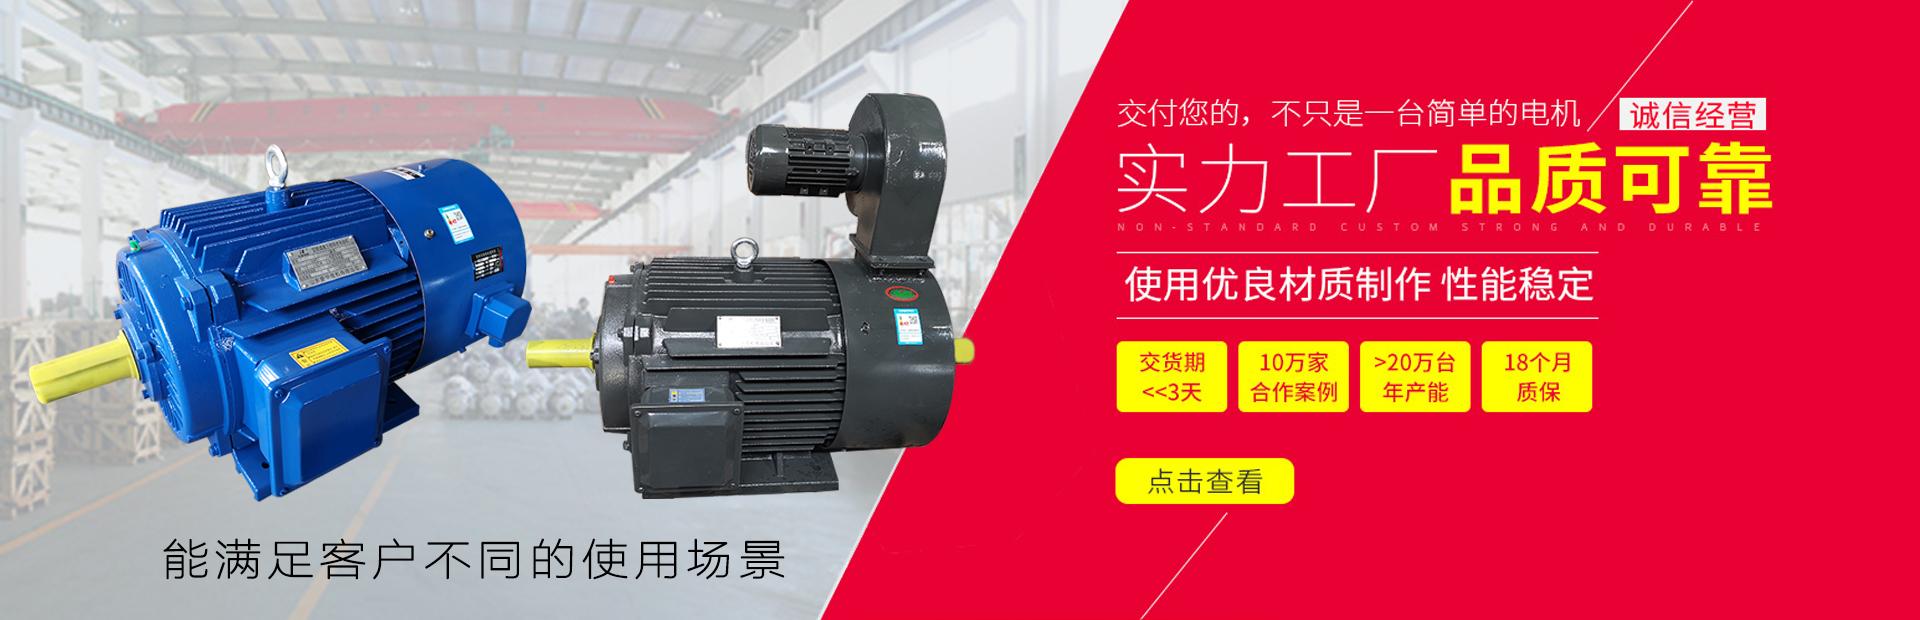 变频电机,变频调速电机,变频电机生产厂家